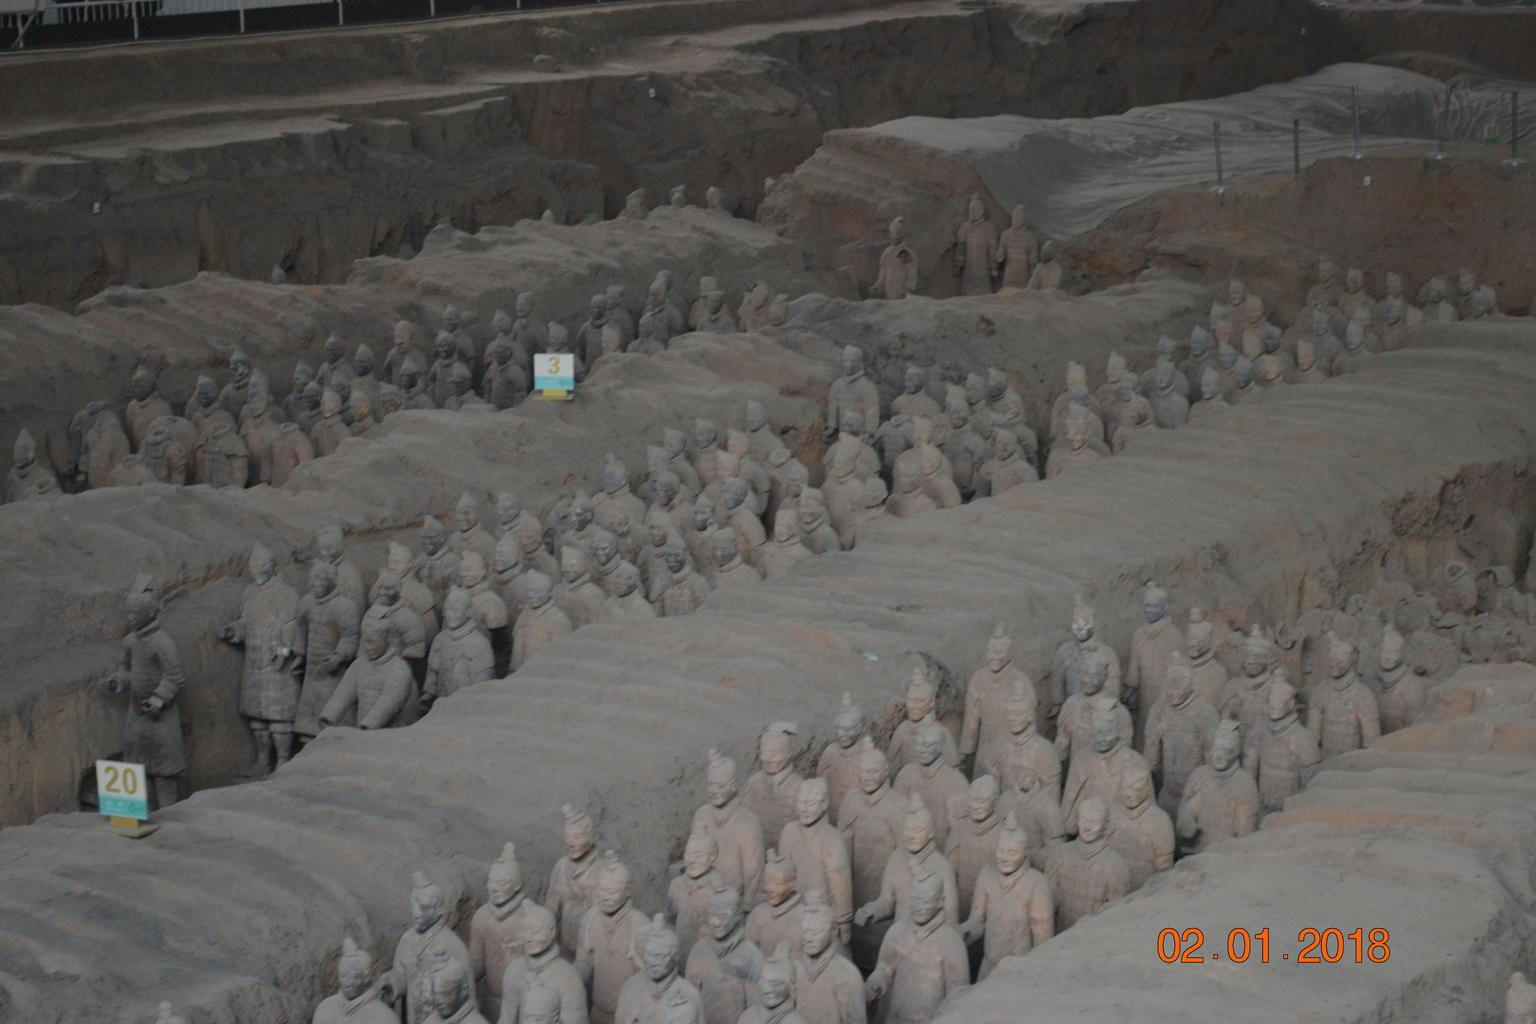 MÁS FOTOS, Recorrido de un día en autobús a Xi'an para visitar el ejército de terracota